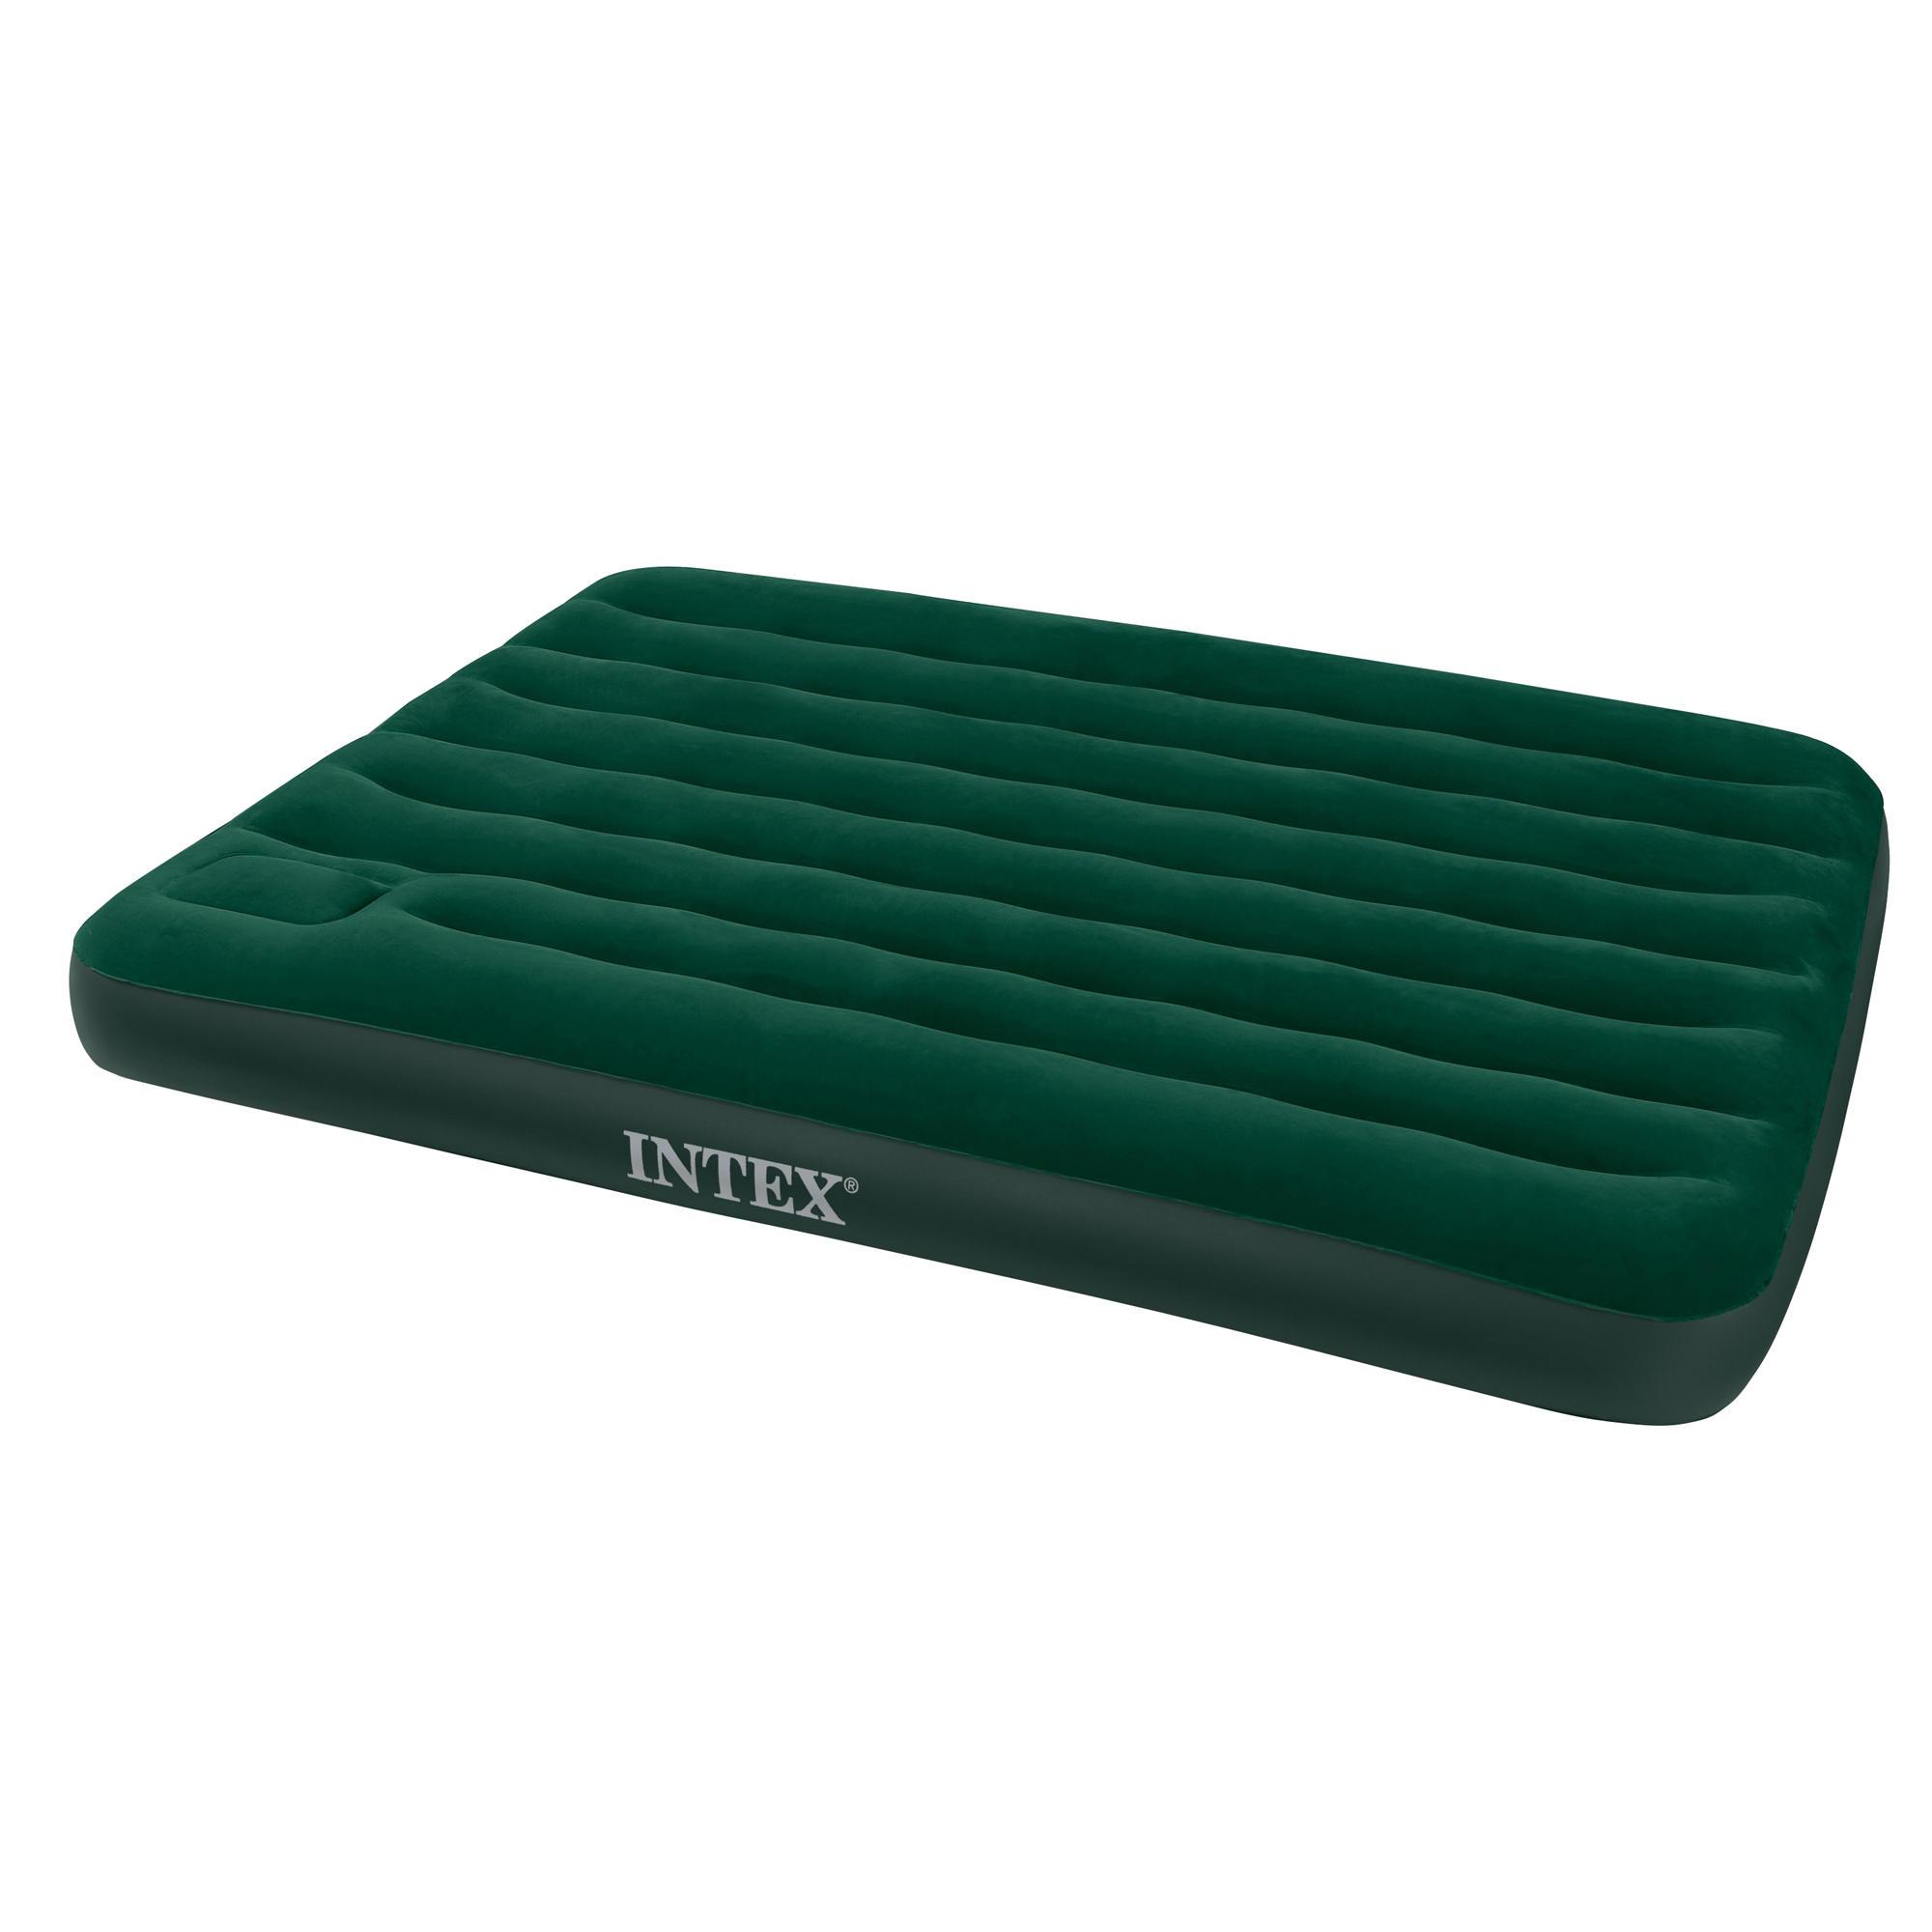 Intex Матрас надувной Intex Outdoor Downy Bed Full intex 68610